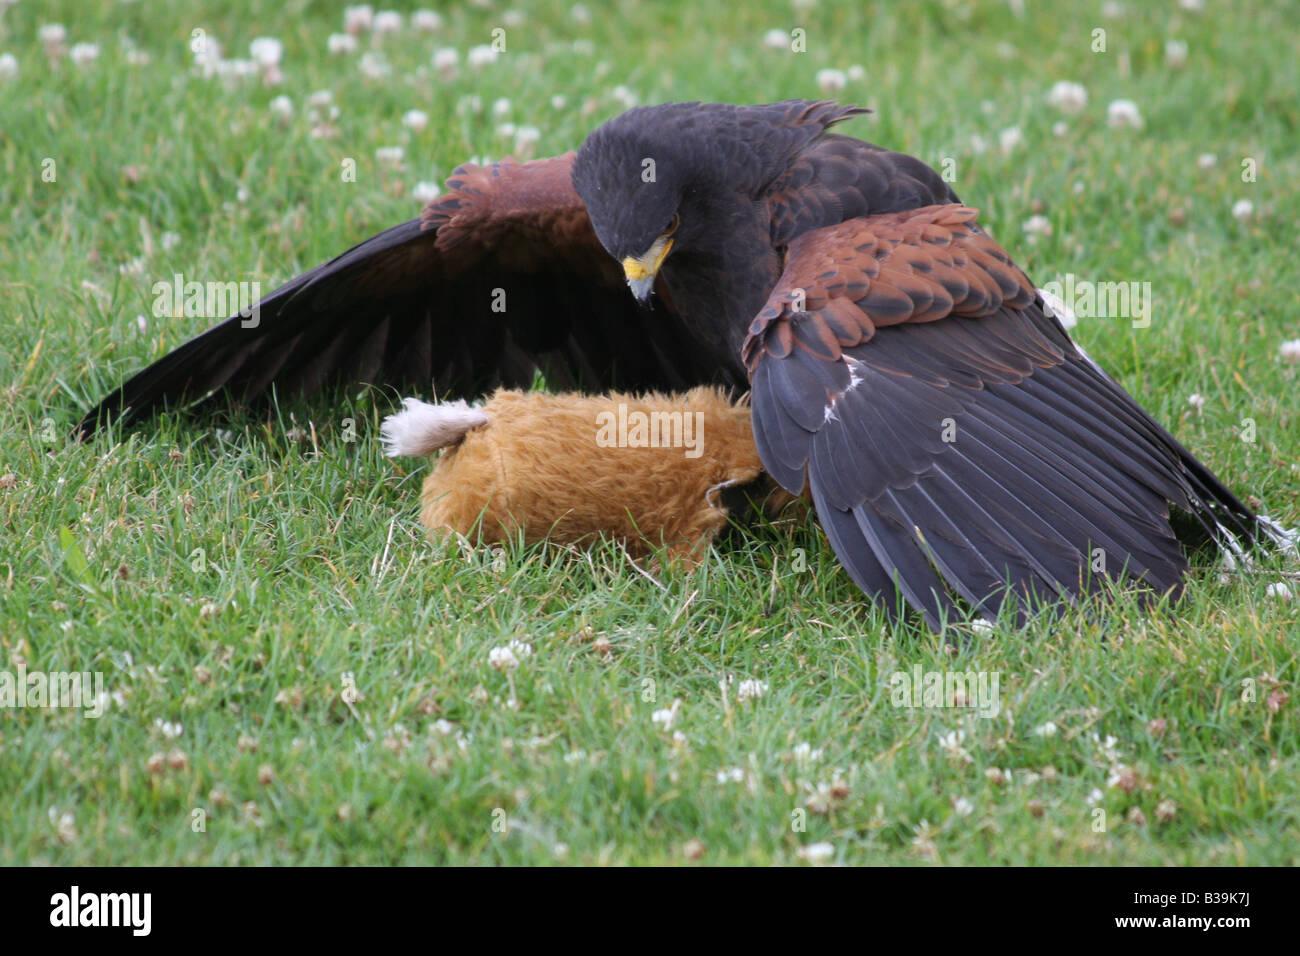 Ein großer Raubvogel in einer Falknerei-Anzeige im Vereinigten Königreich Stockbild